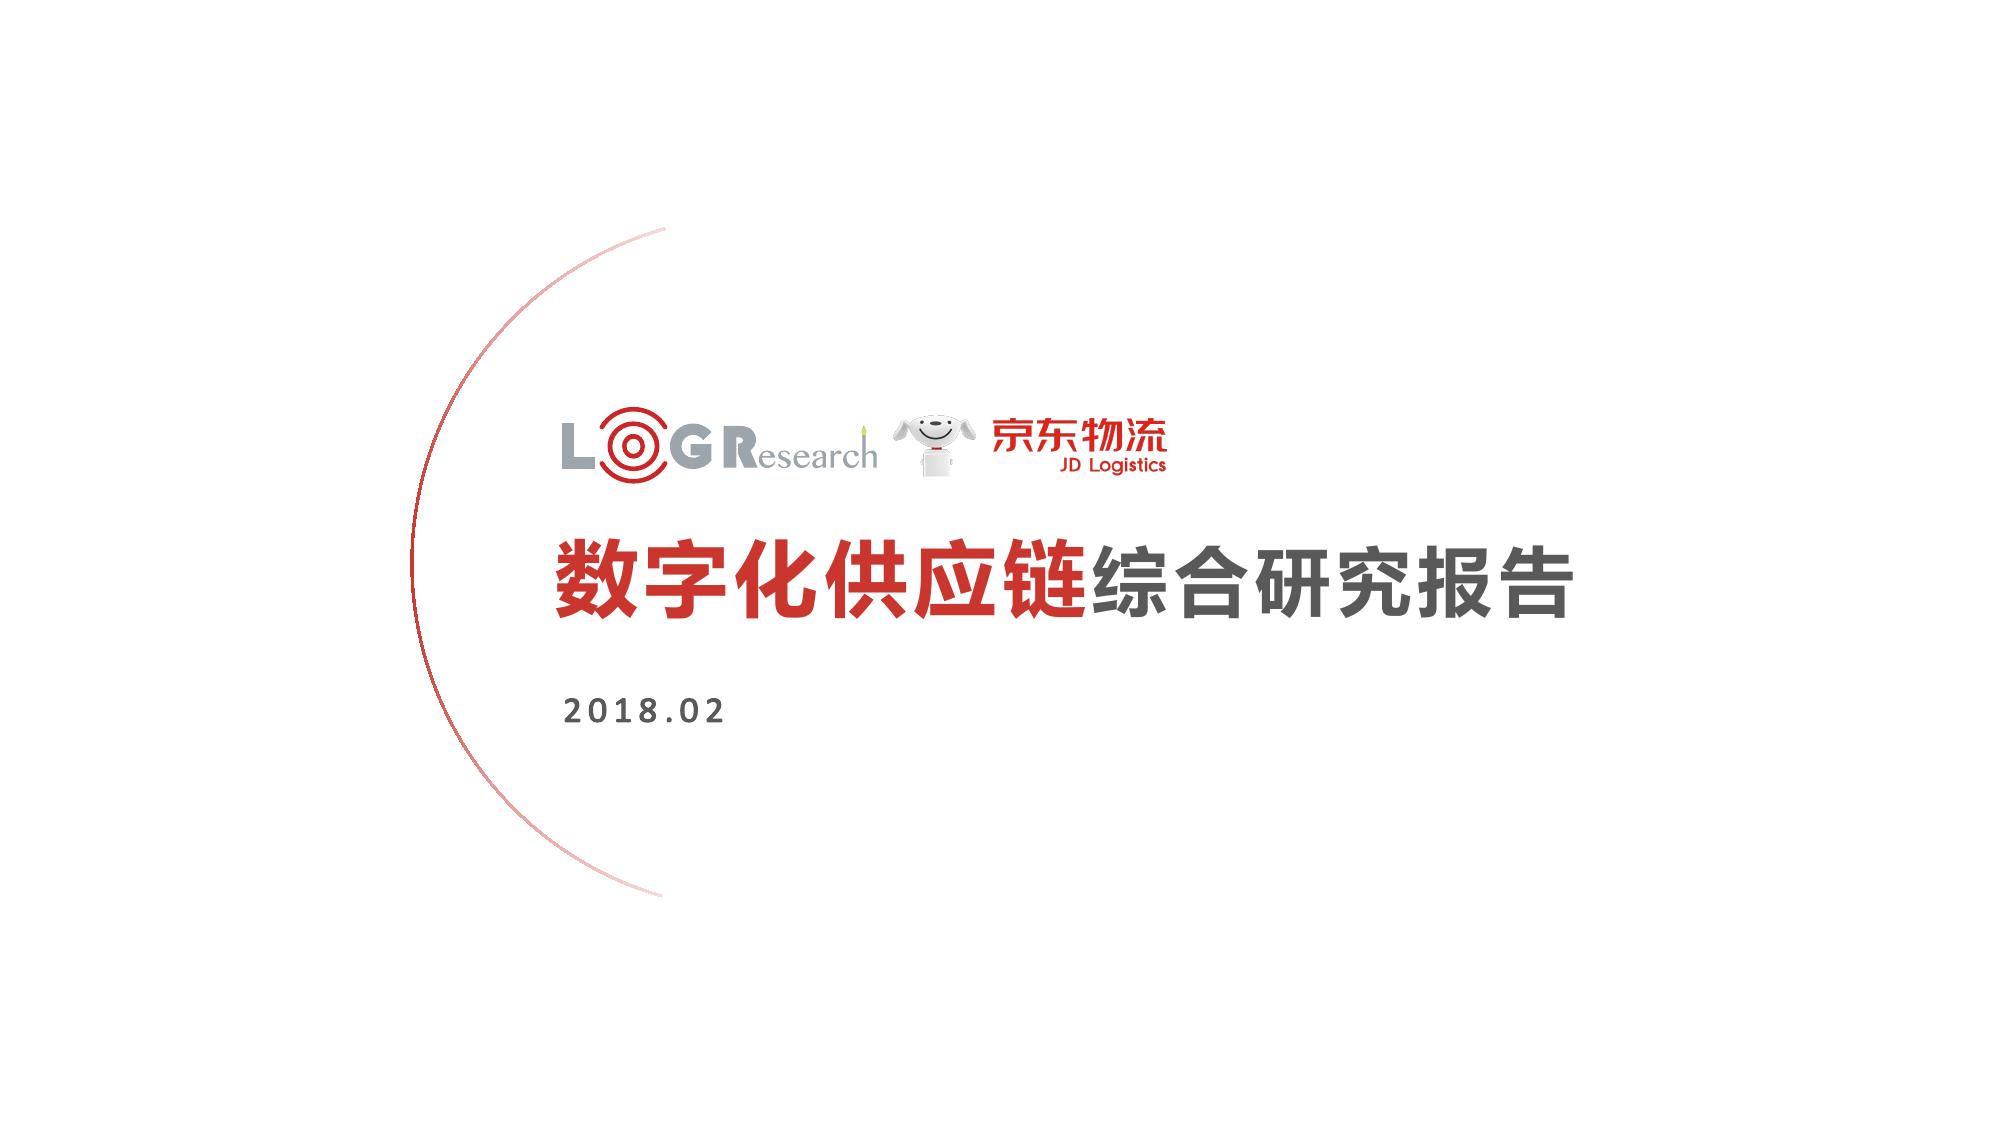 罗戈研究院&京东物流:2018数字化供应链综合研究报告(附下载)